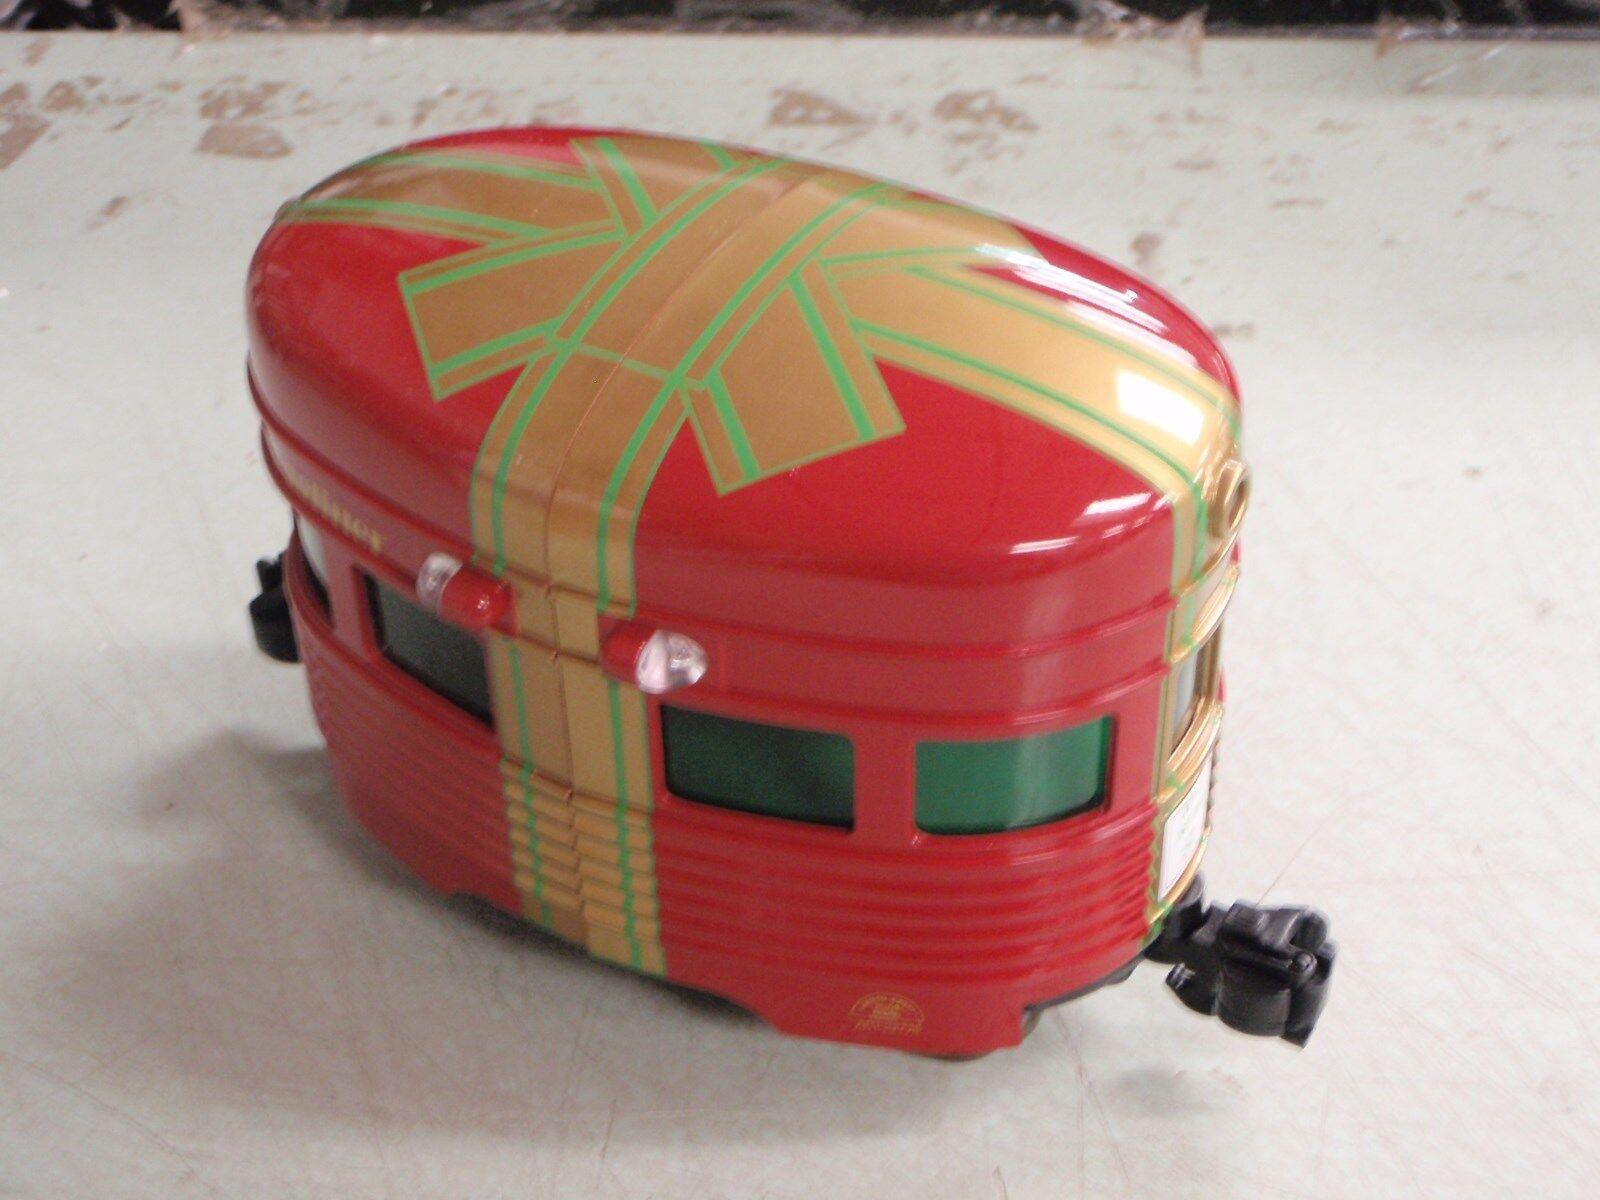 Art 22725 Aristo-Craft eggliner Forro De Huevo Paquete de vacaciones Arco Rojo NP SF RR 2008